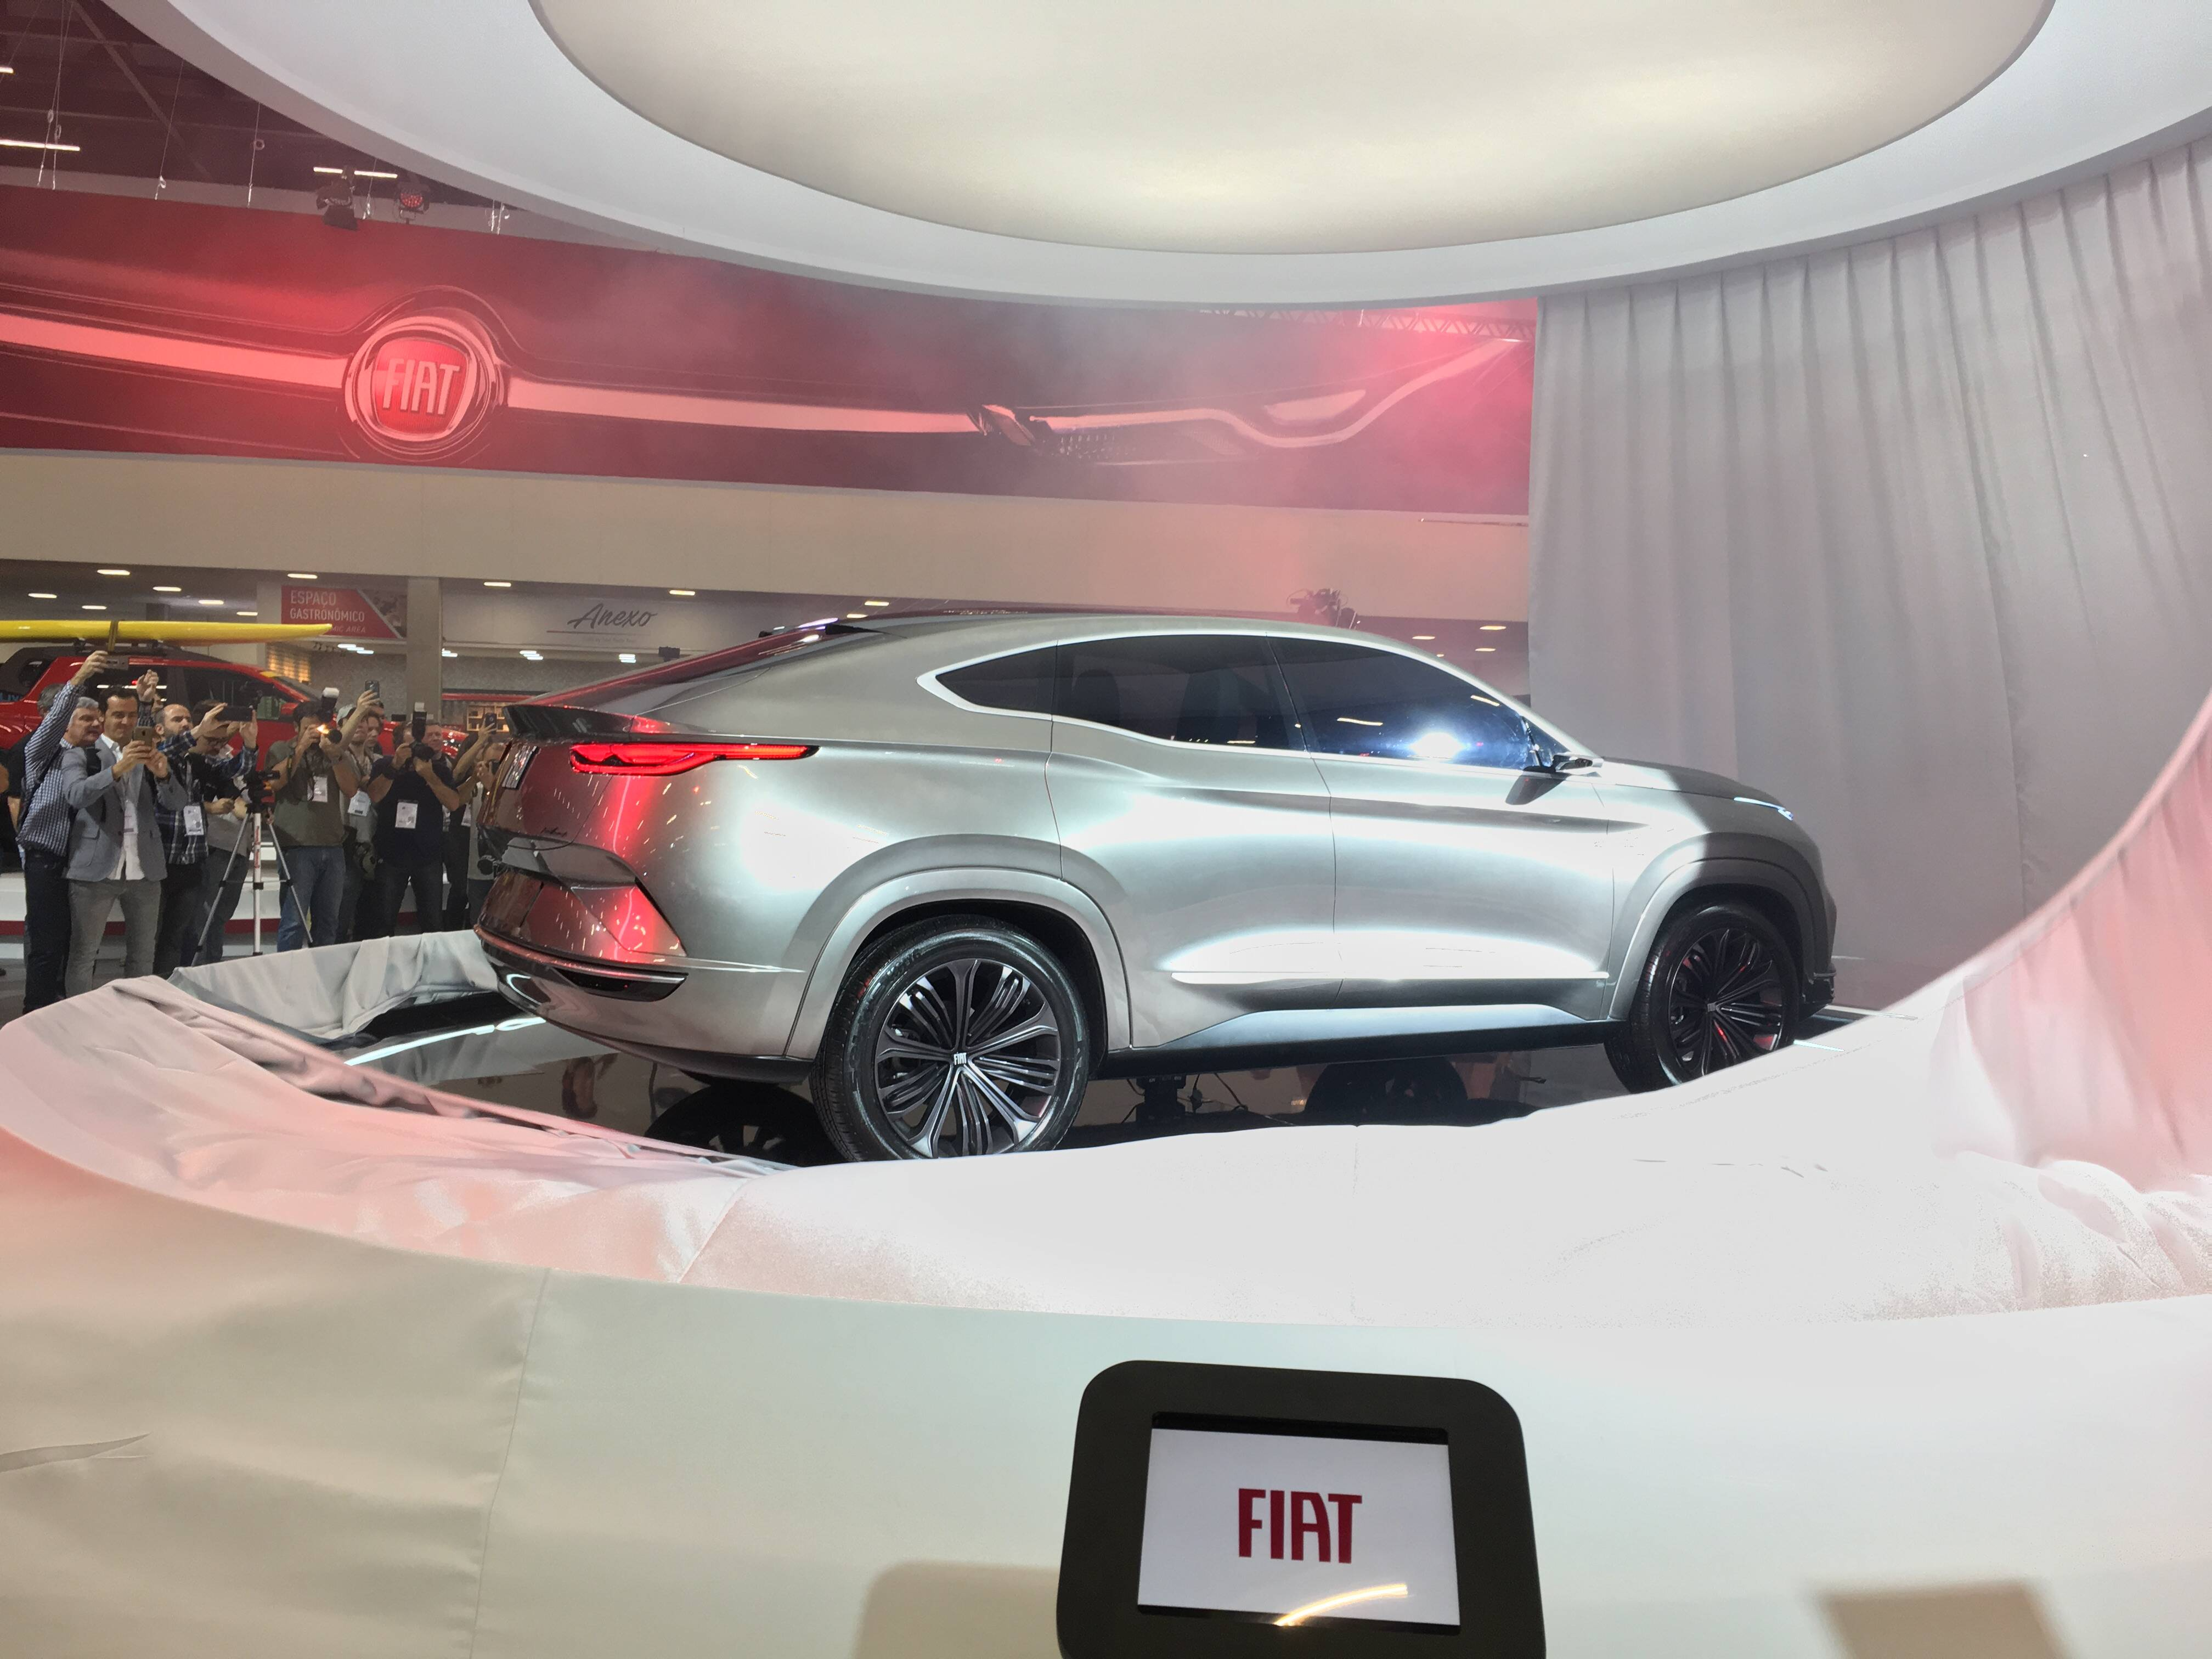 Fiat Fastback no Salão do Automóvel 2018. Foto: Guilherme Menezes/iG